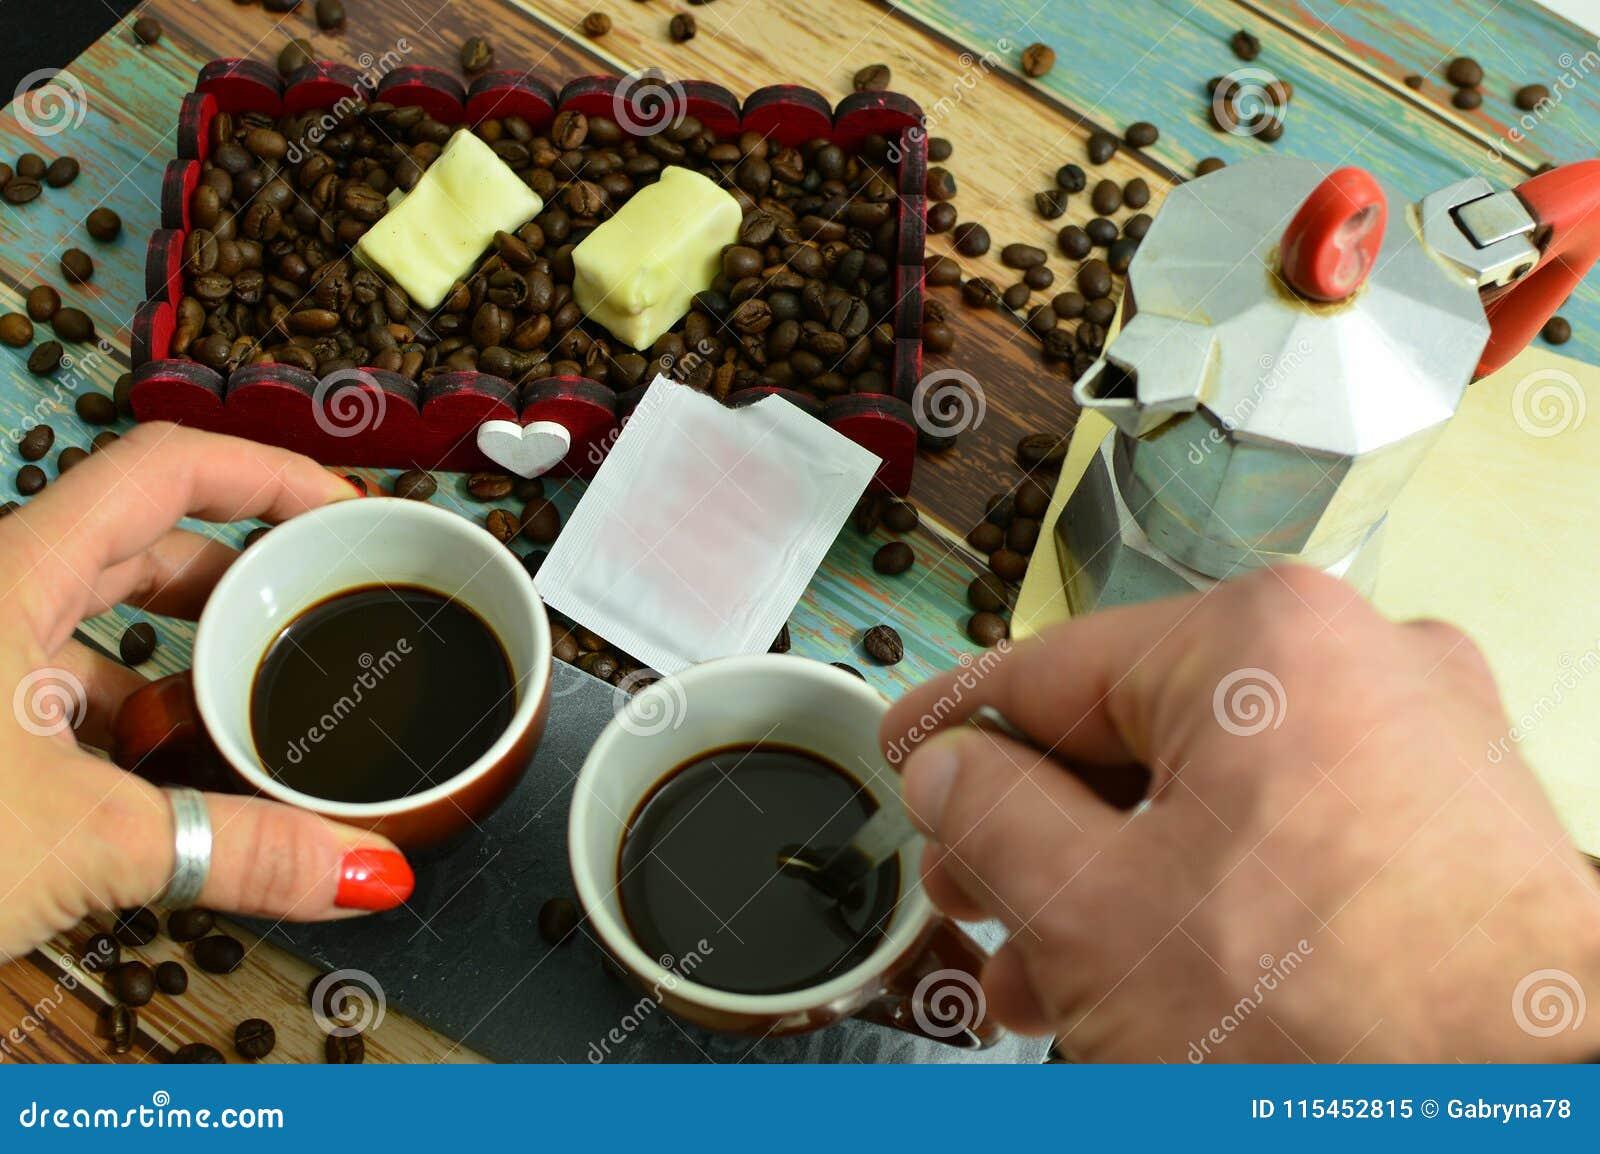 Imagen romántica de un café compartido con amor